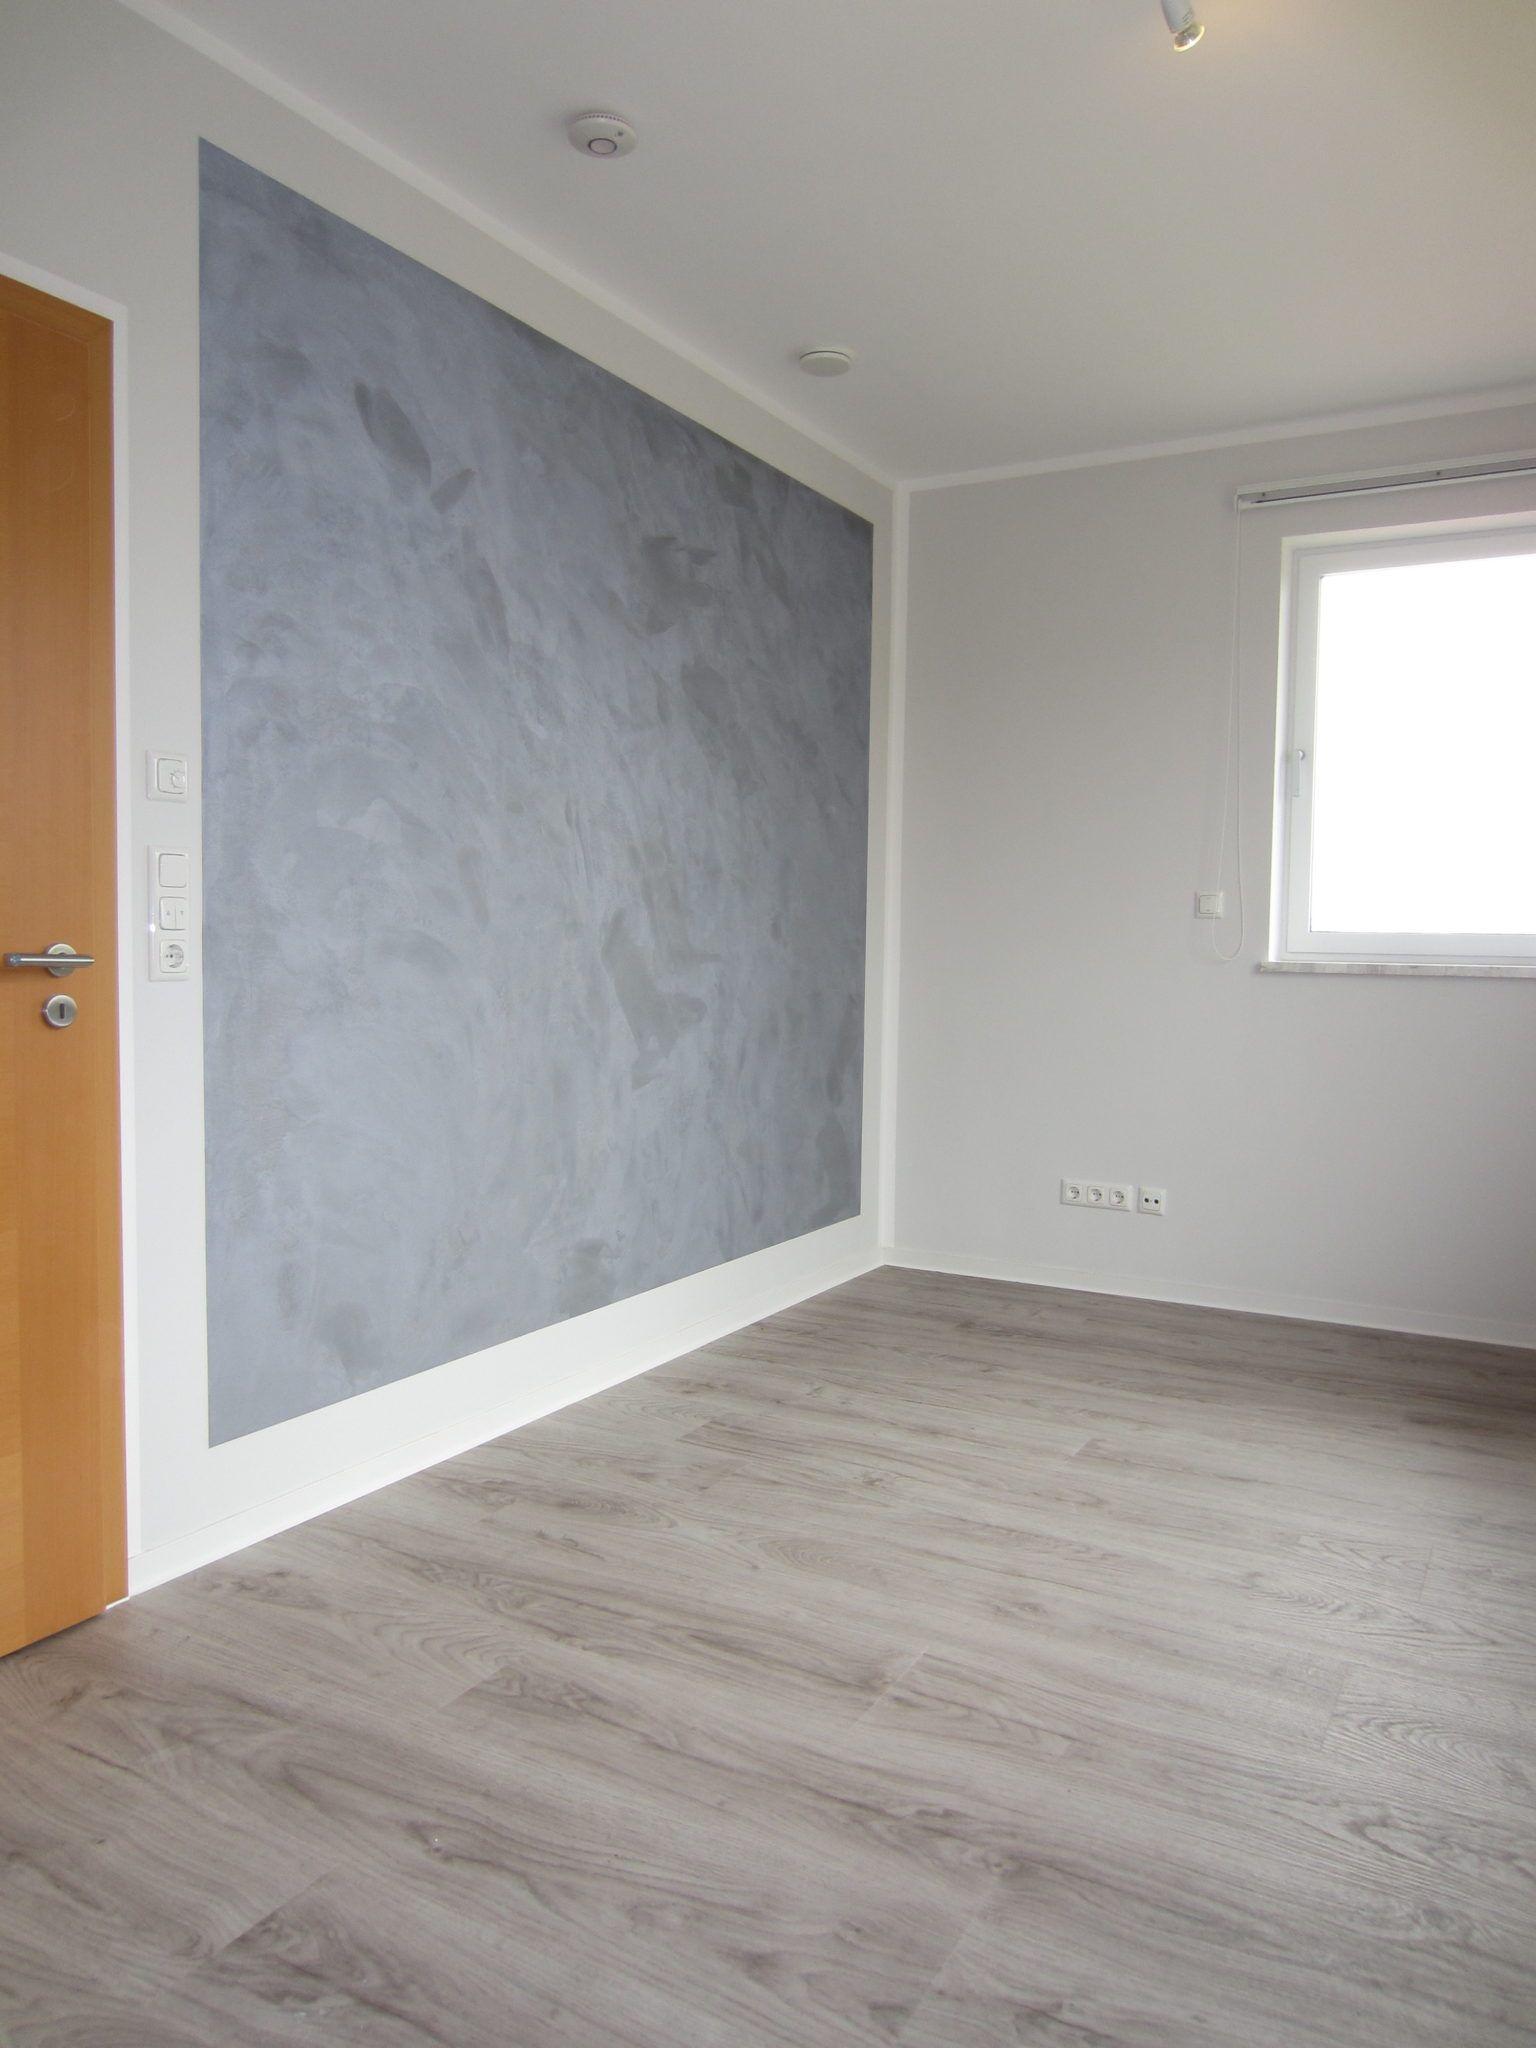 Tapeten Mehr 12 Ideen Zur Wandgestaltung Im Schlafzimmer: Tapeten, Farben Und Wandgestaltung Im Kreis Lichtenfels